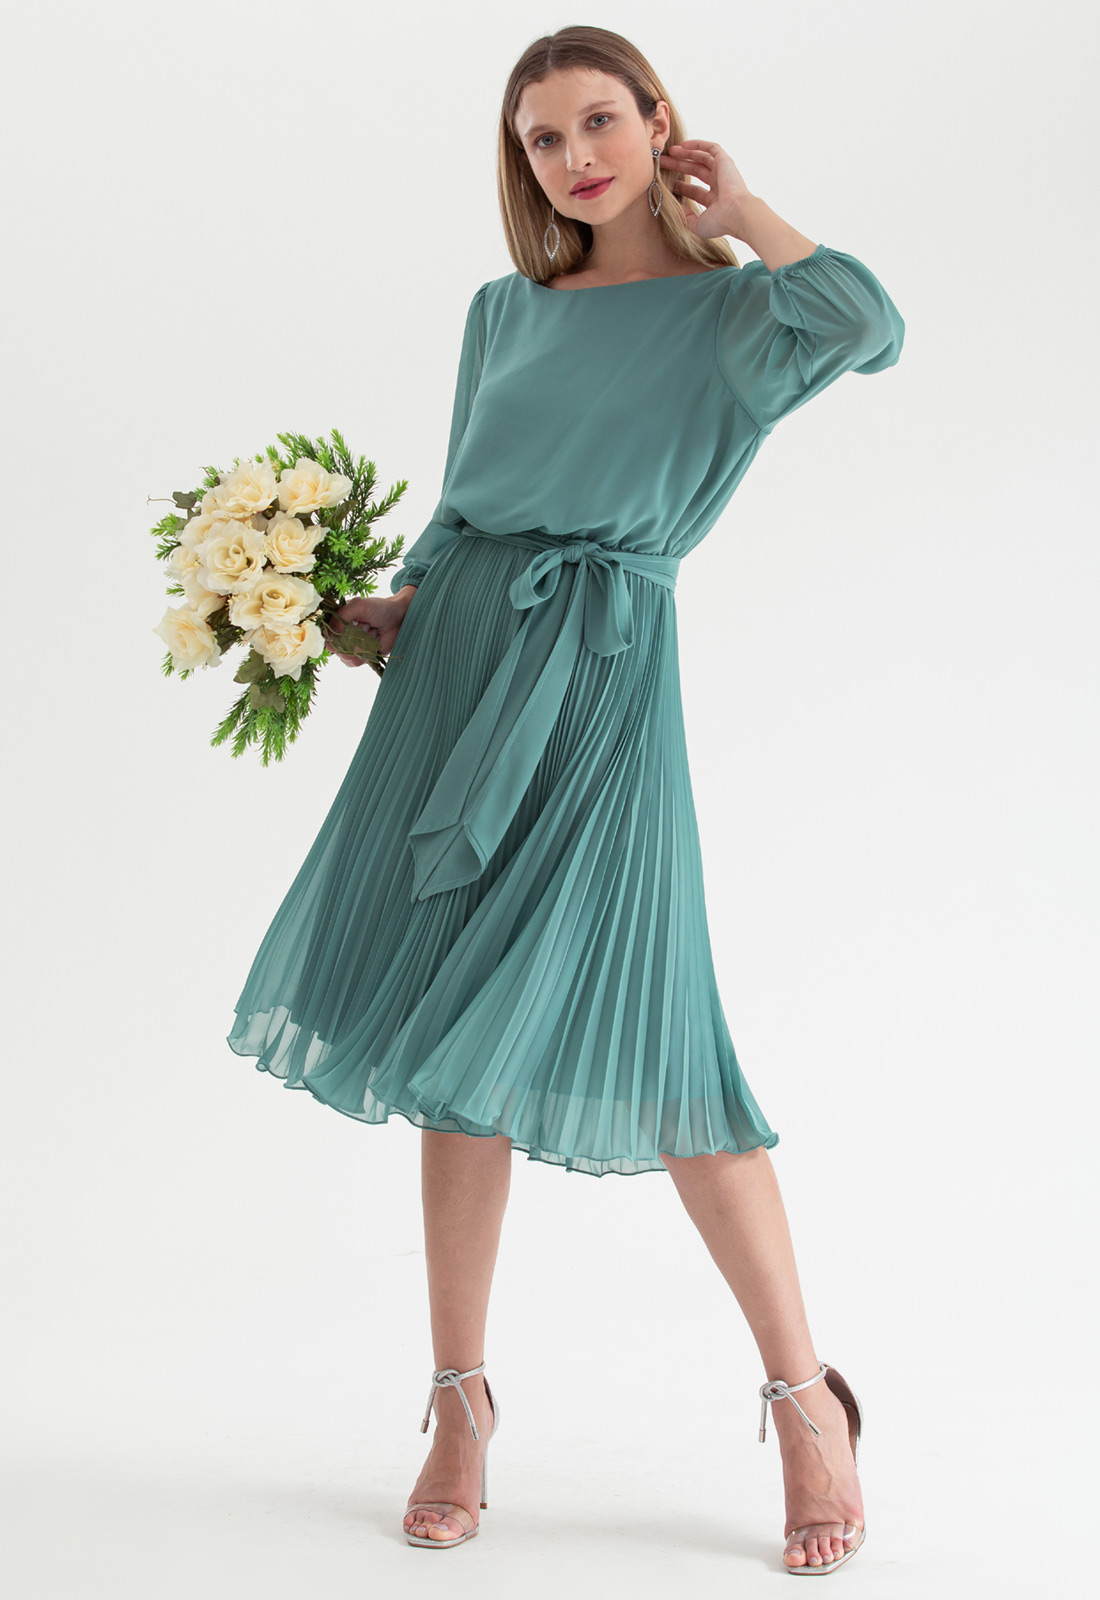 Vestido de festa verde salvia midi plissado Ref. 2583